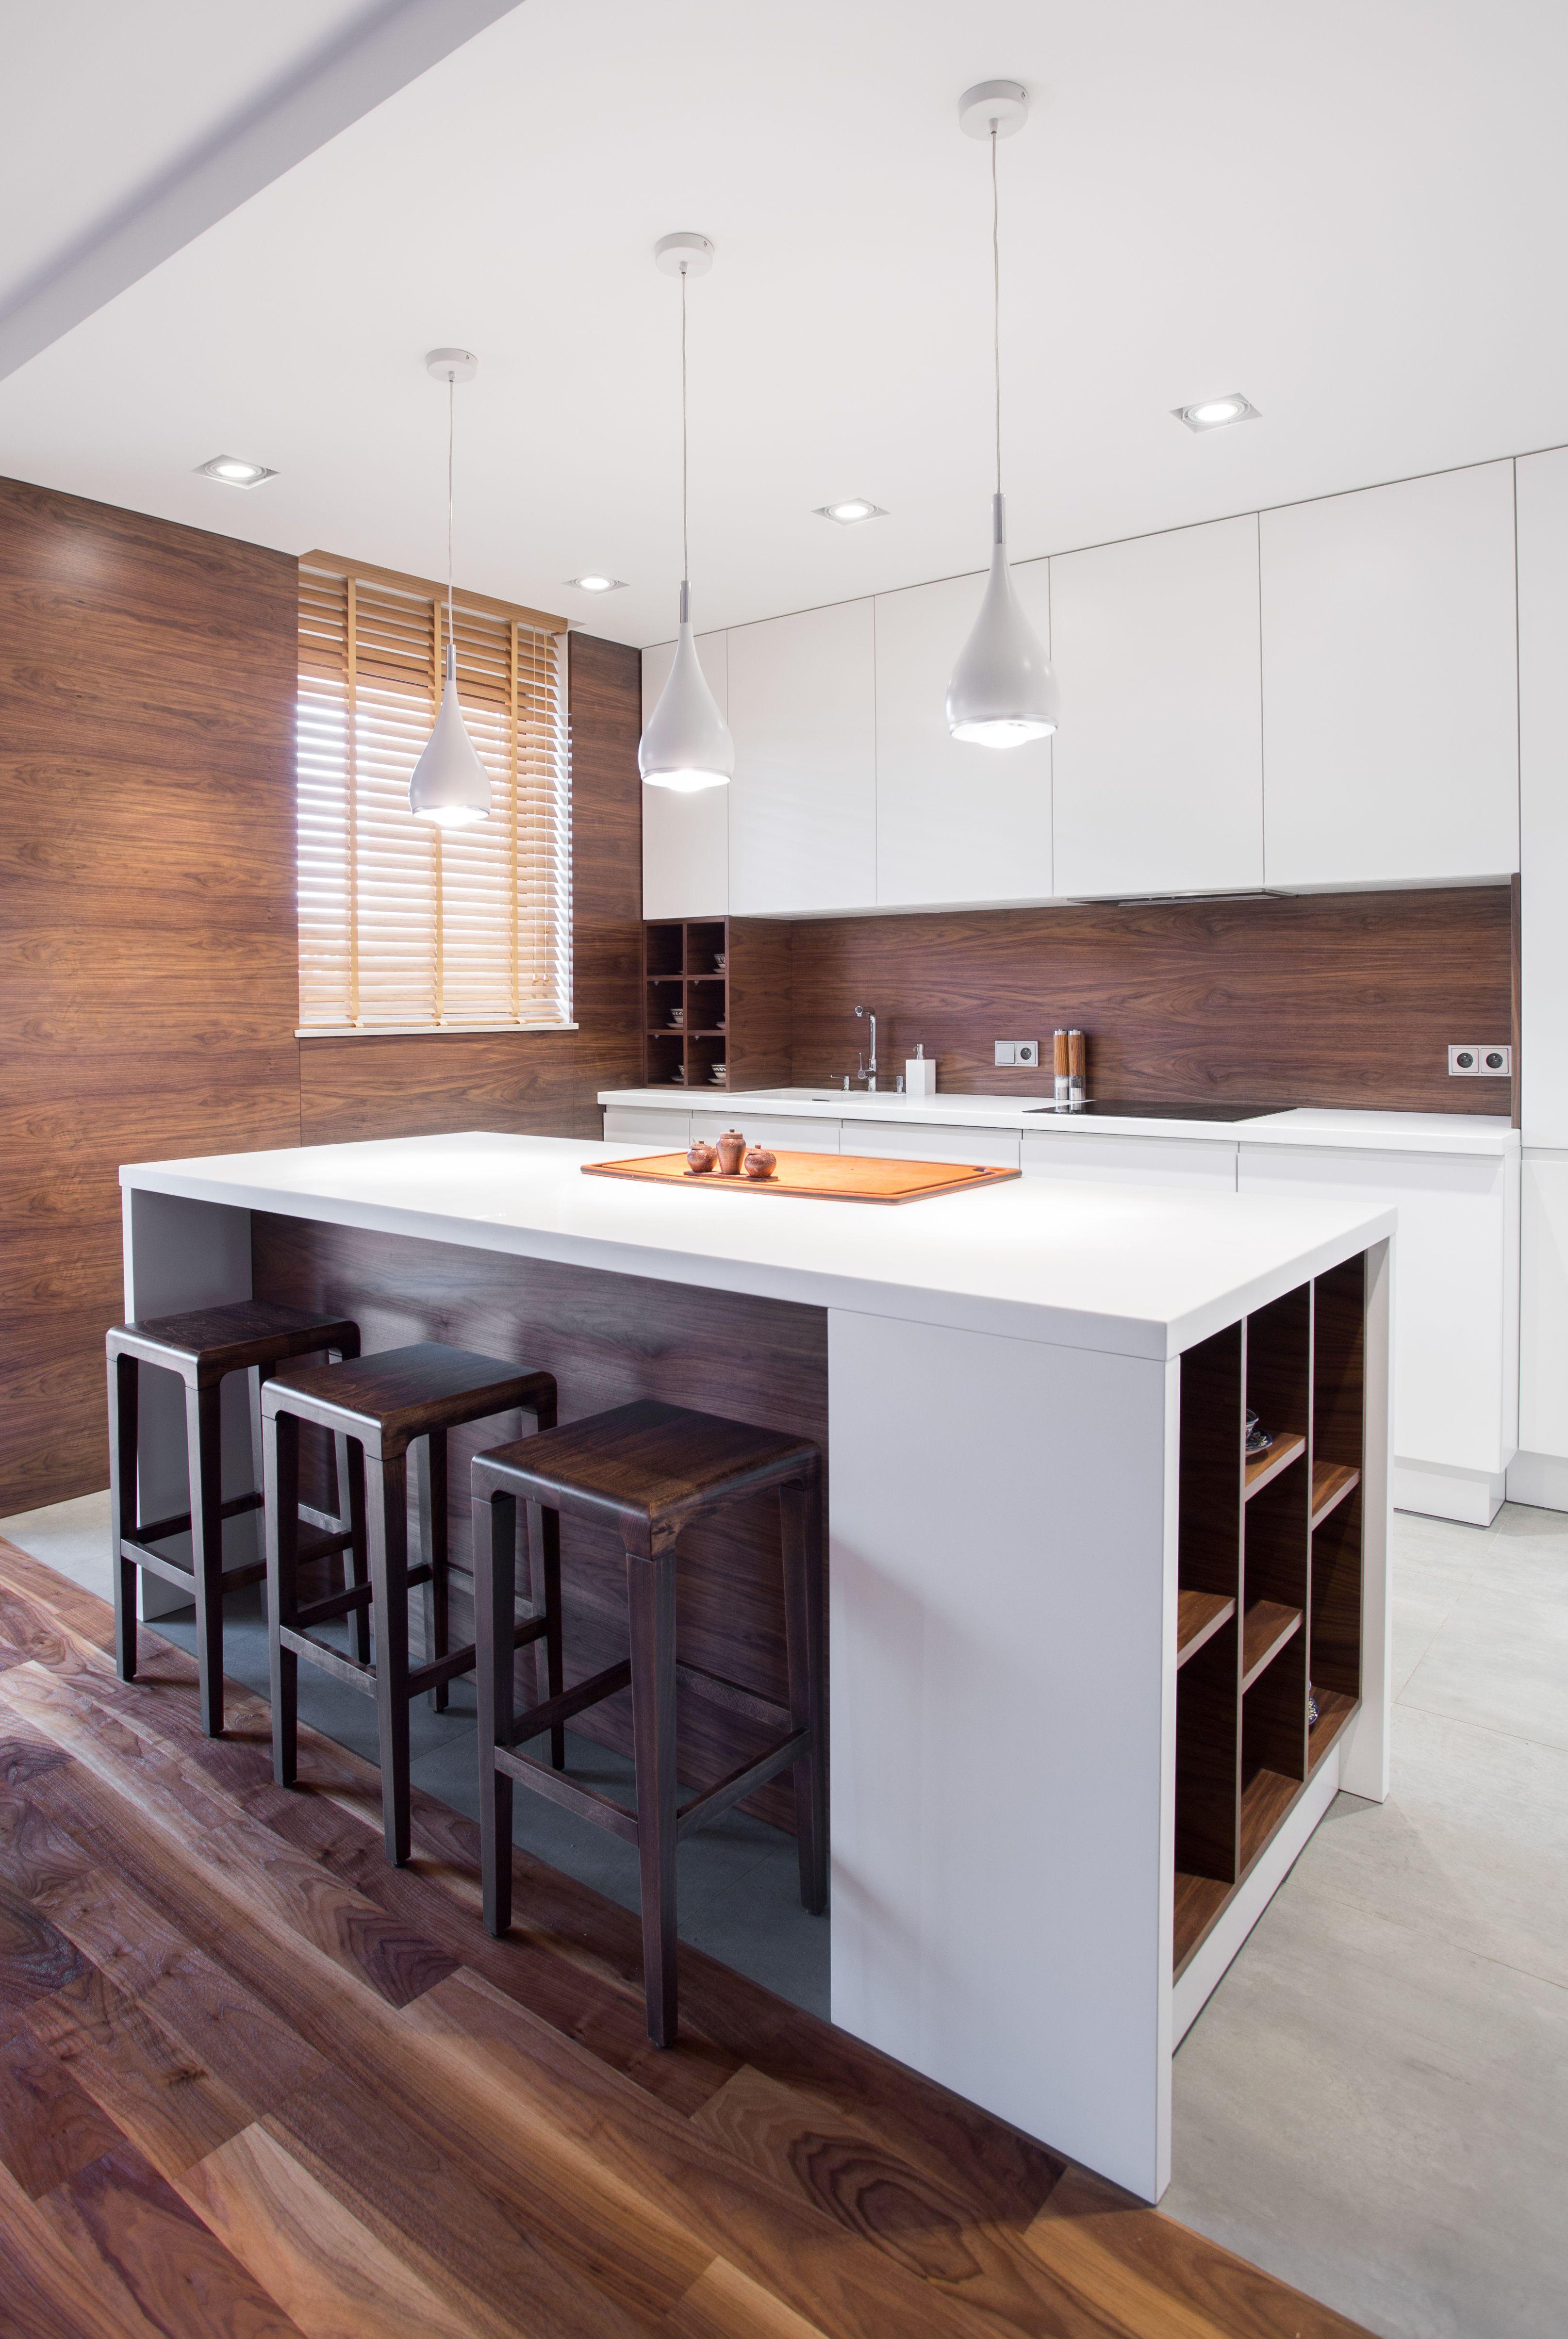 Nowoczesny Minimalistyczny Design Drewnianej Kuchni W Ktorej Przeplata Sie Biel Szafek I Ciemny Kitchen Remodel Small Interior Design Kitchen Modern Kitchen